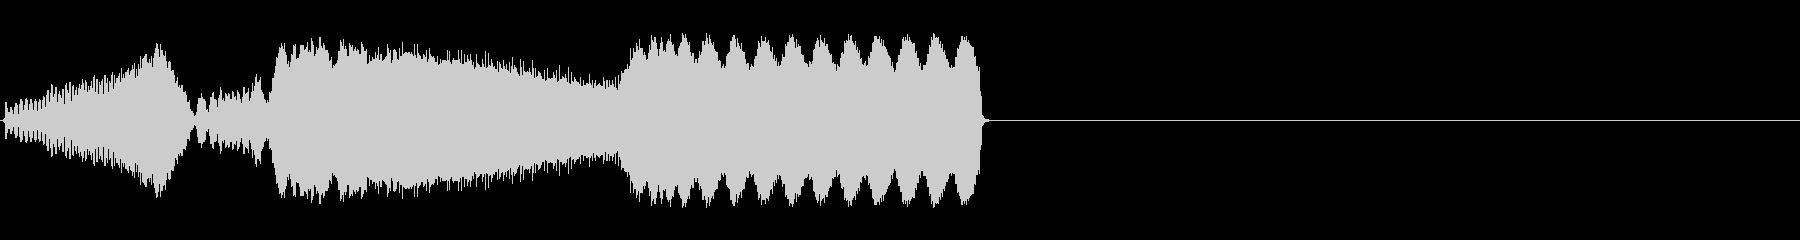 トーンビープリバースローの未再生の波形